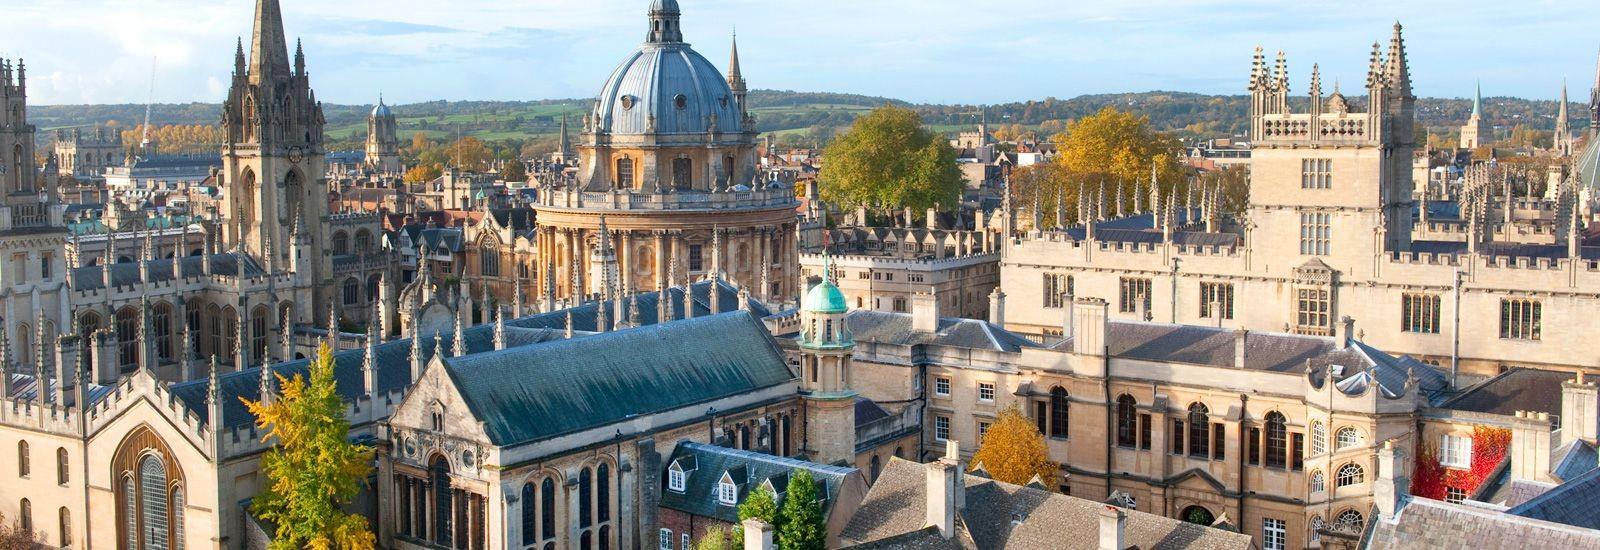 Universidade de Oxford, no Reino Unido (Foto: Divulgação/Universidade de Oxford)